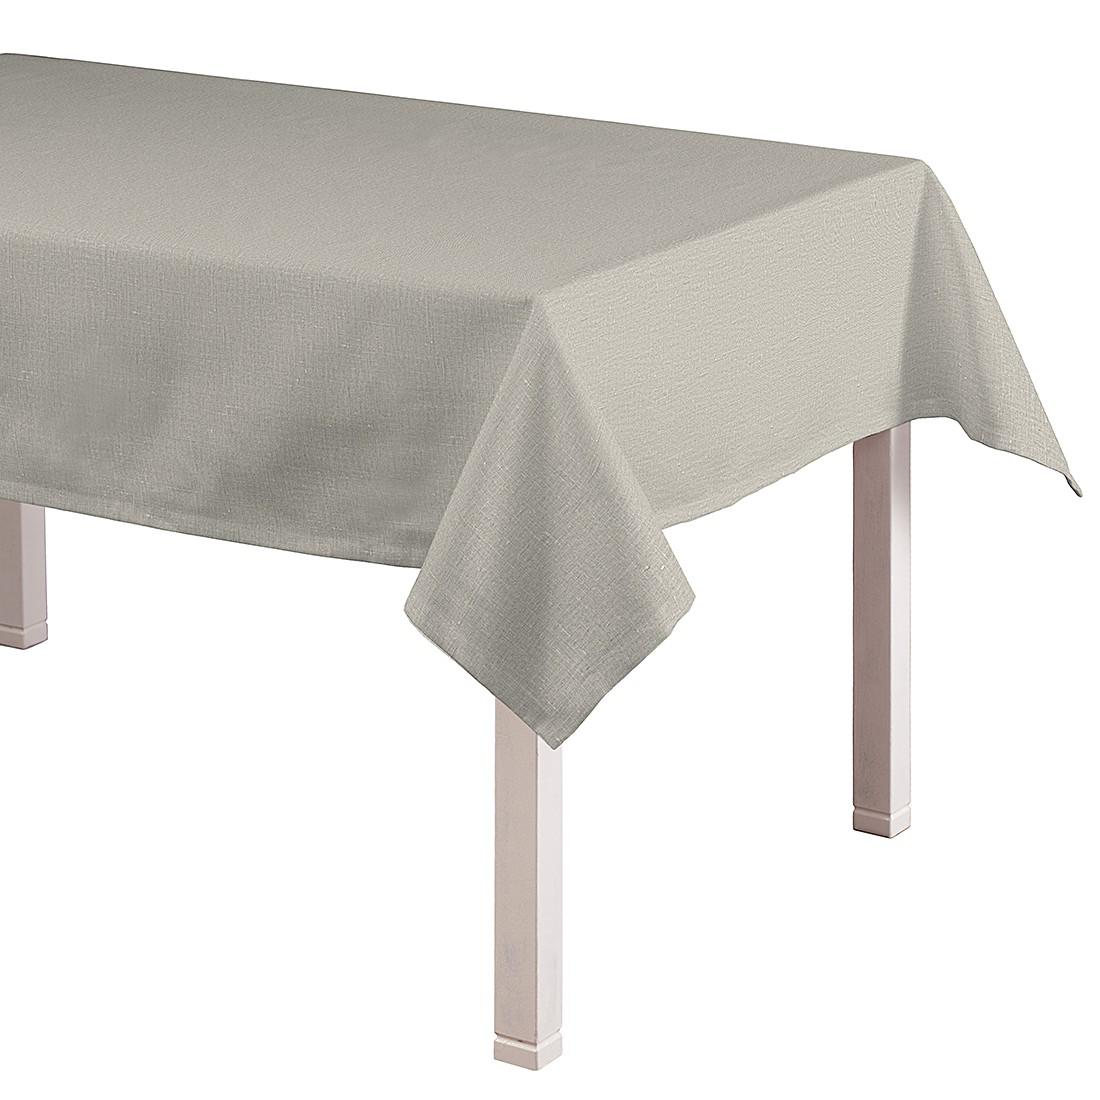 Tischdecke Linen – Beige – 130 x 250 cm, Dekoria jetzt kaufen